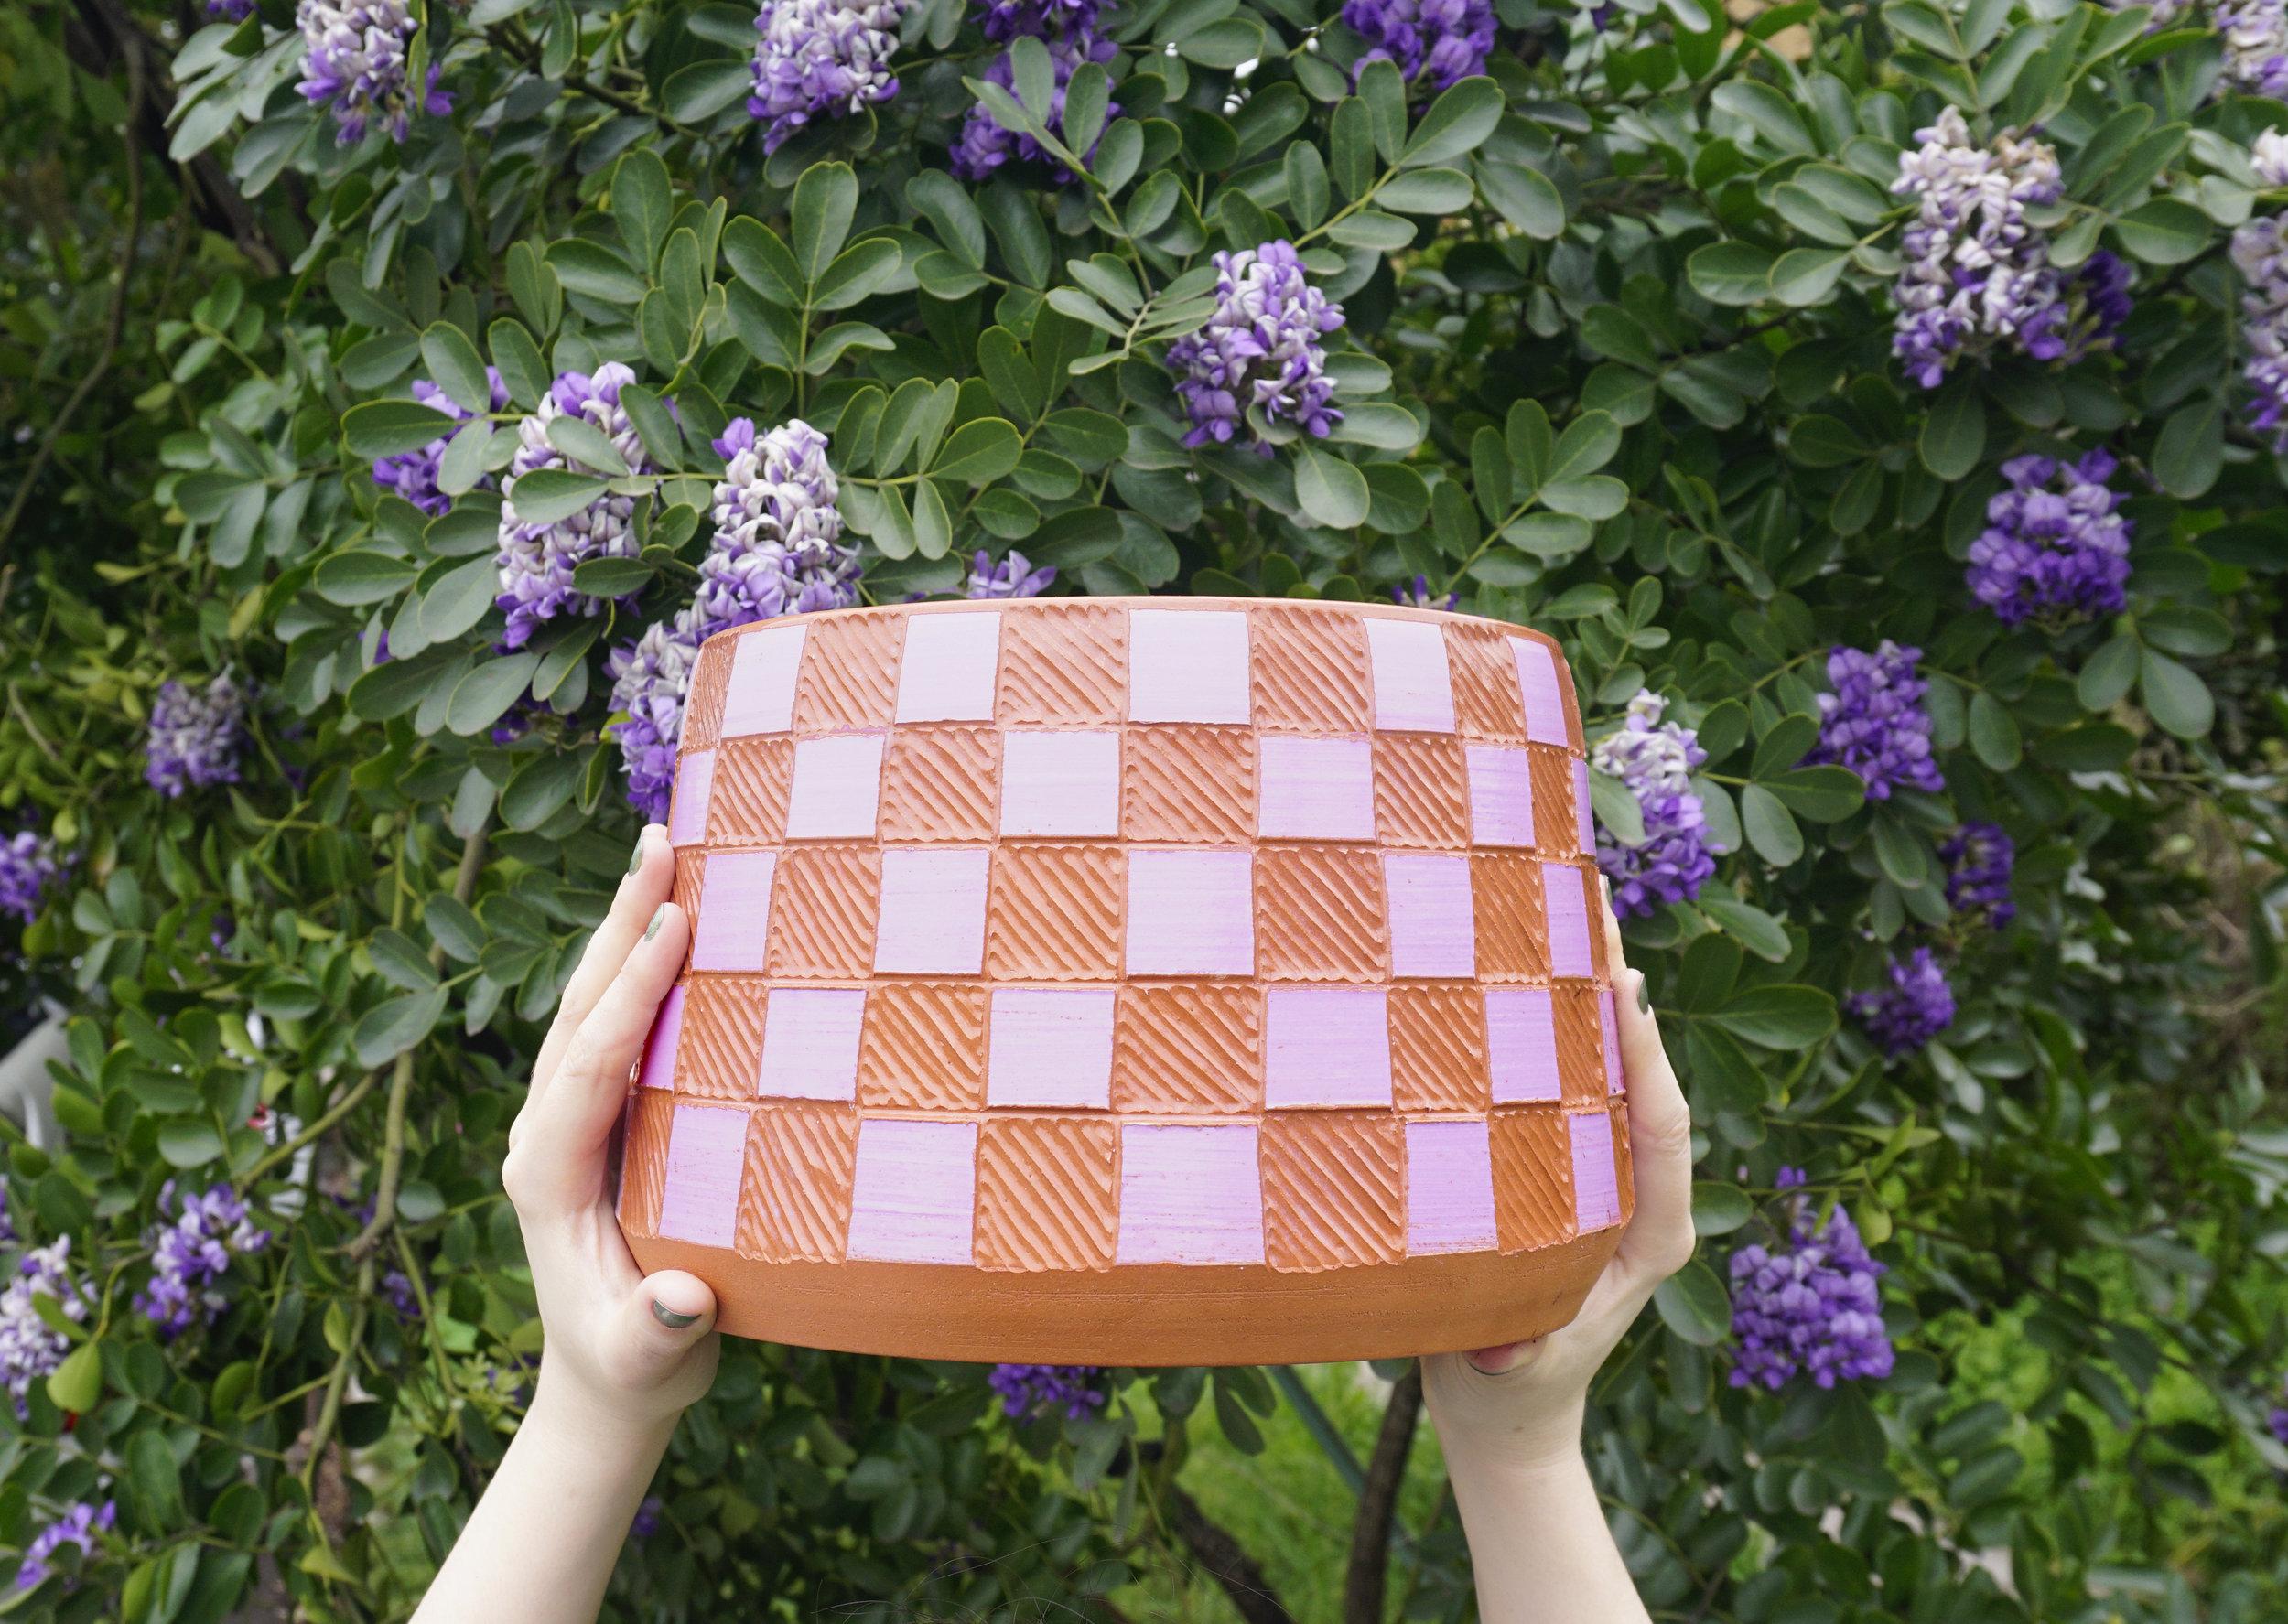 GABO MARTINEZ .  Checkered Planter , 2019. Terracotta, slip, sgraffito. 6.75 x 9 x 9 inches.